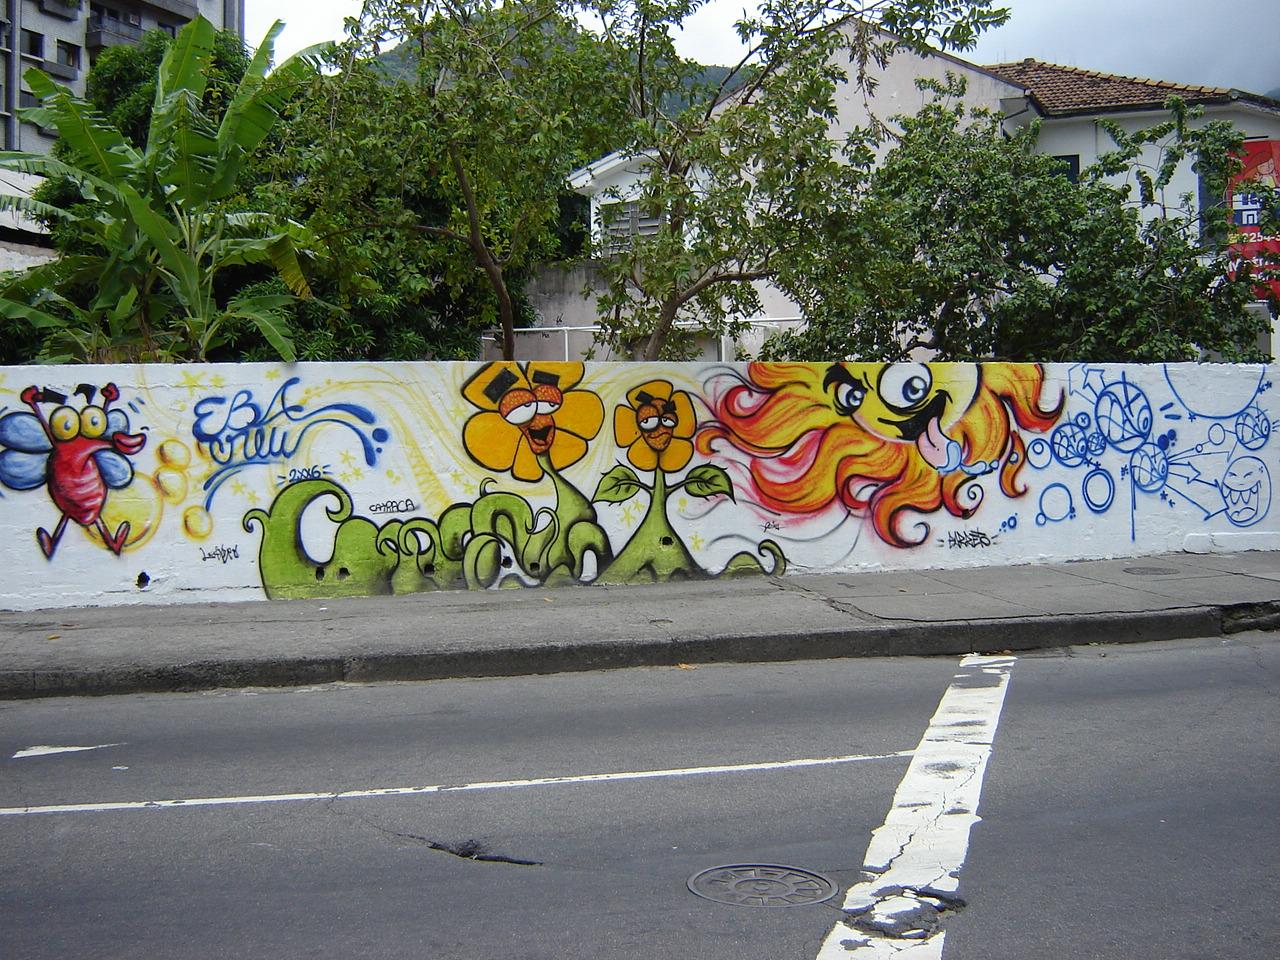 Muro externo do Espaço Ciência Viva, 2006.